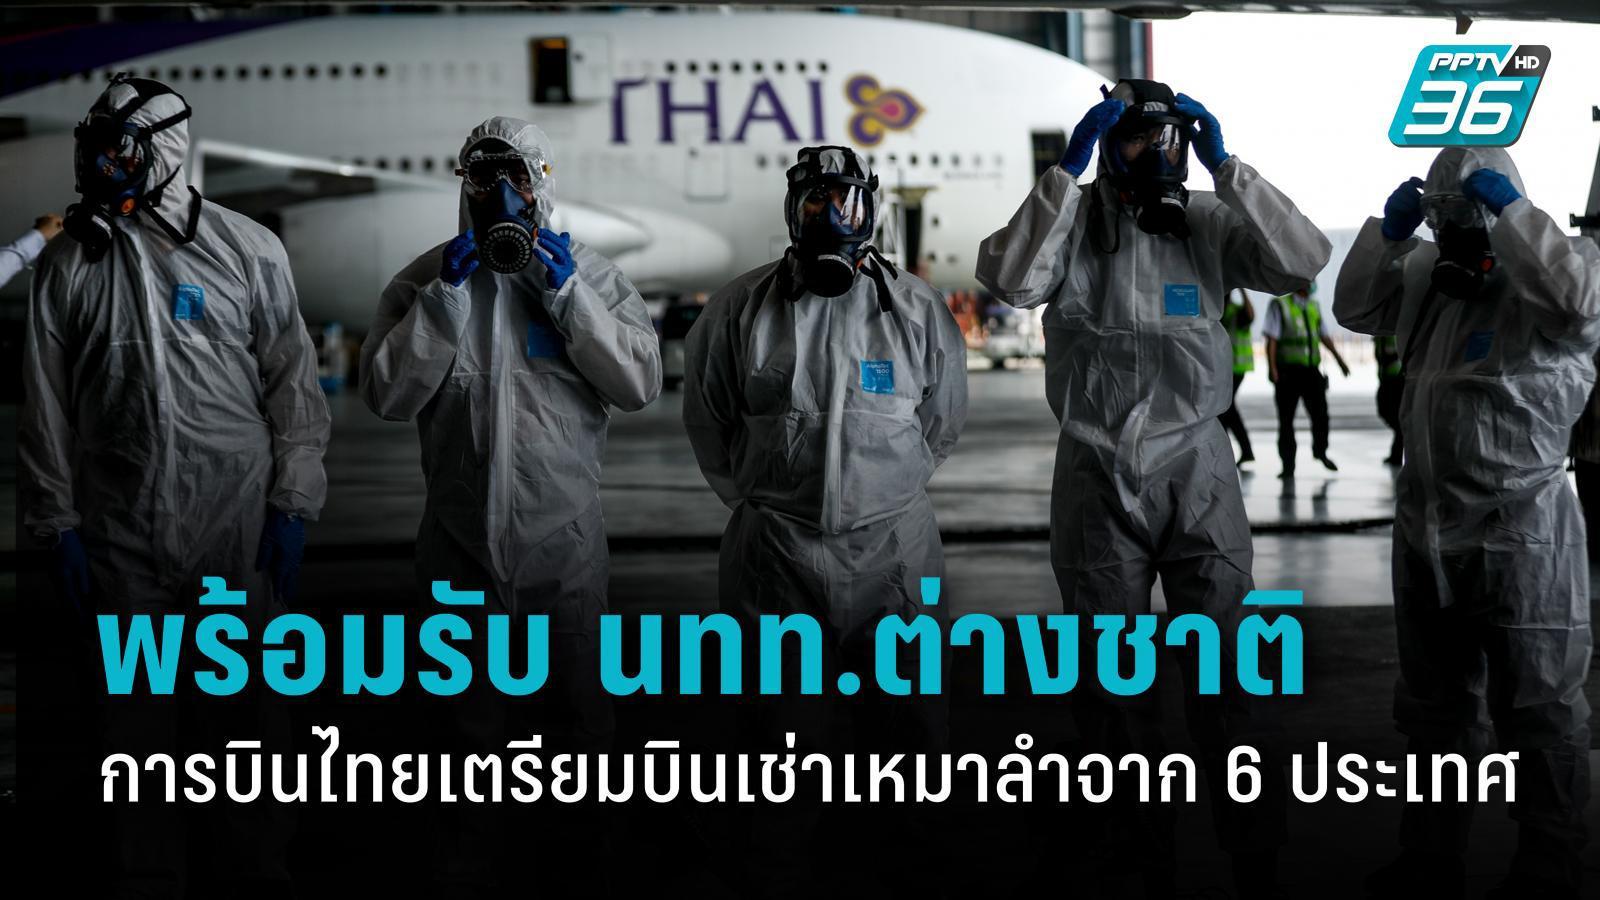 การบินไทยพร้อมรับ นทท.ต่างชาติเข้าภูเก็ต